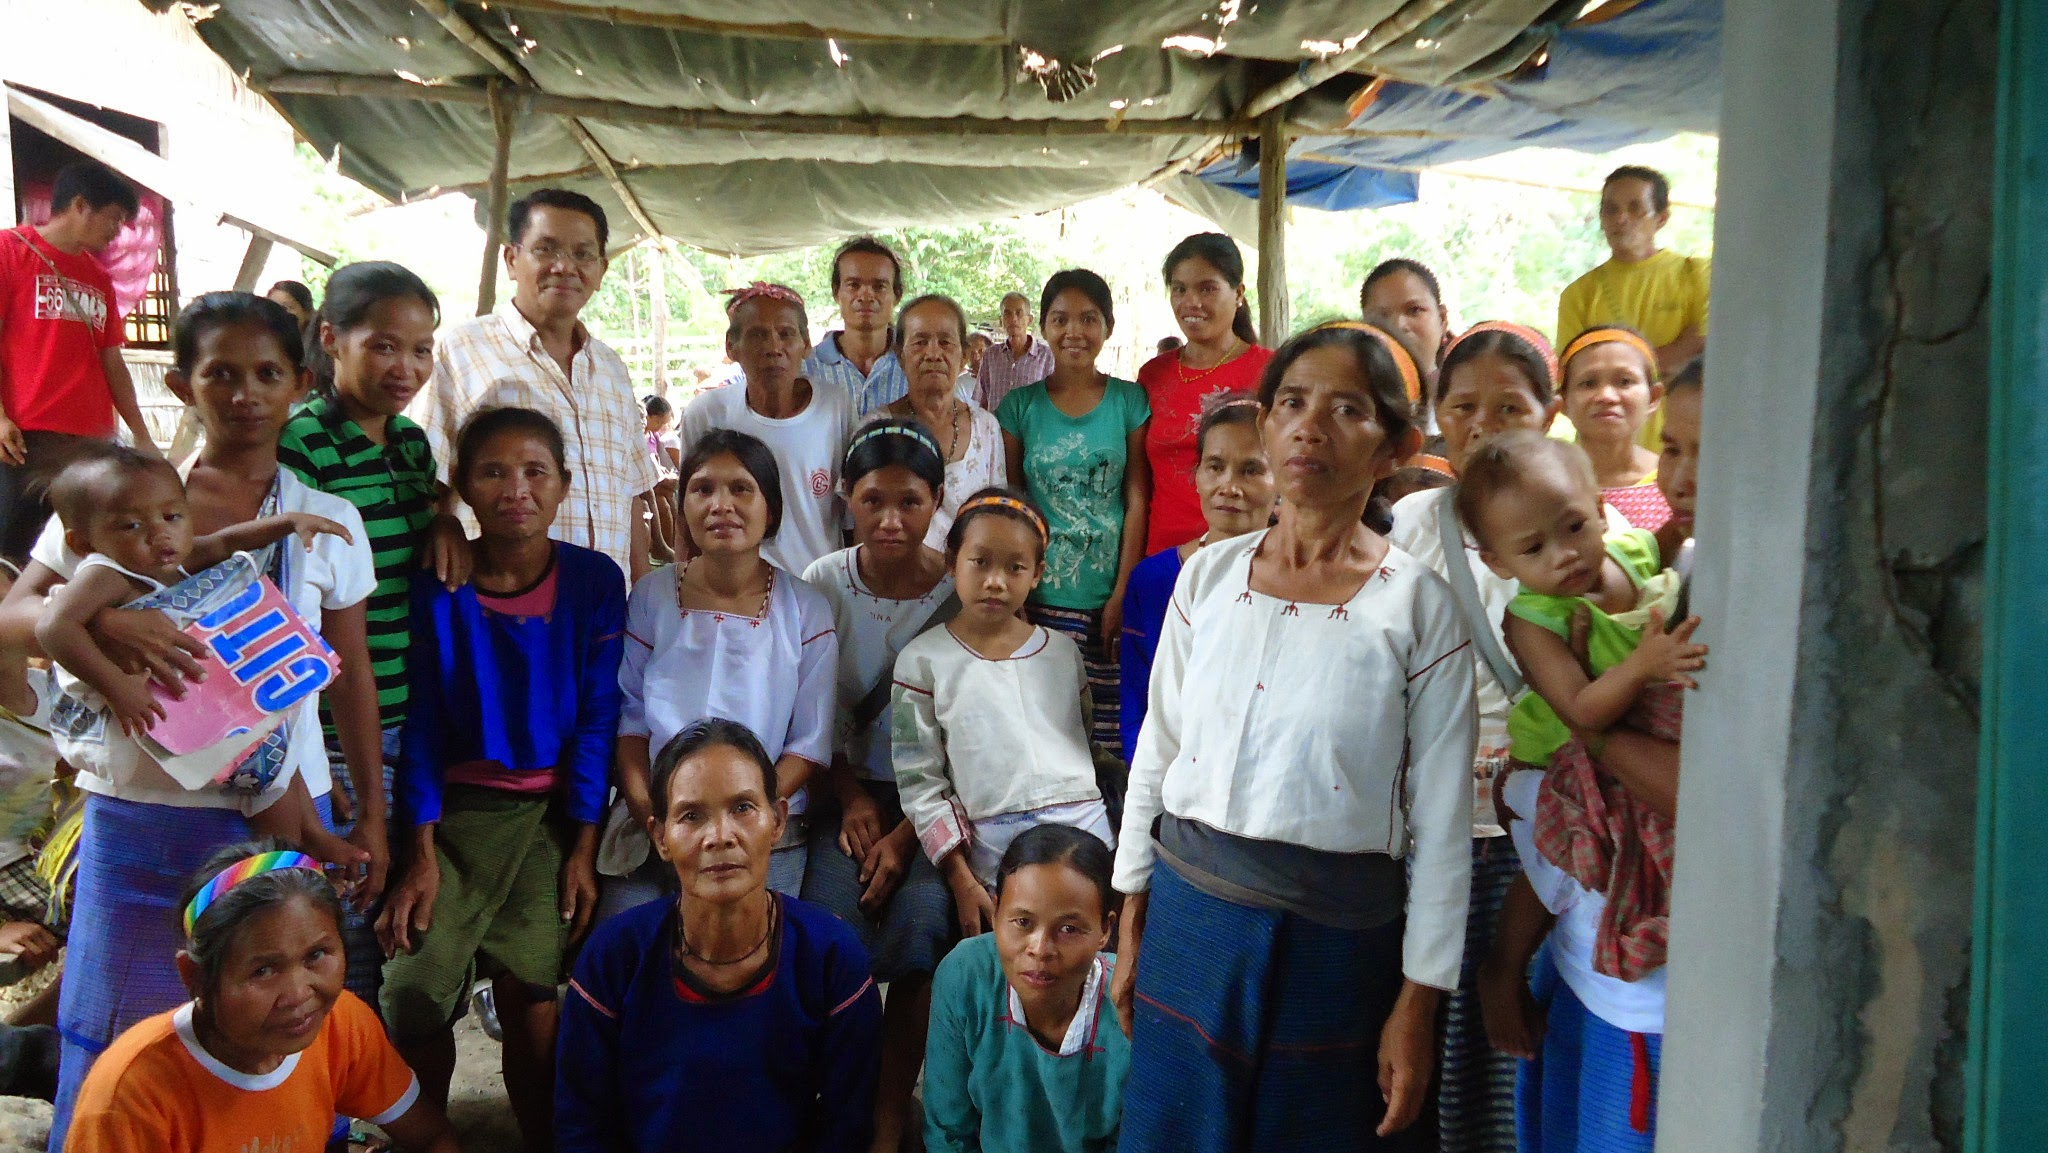 Photo: Manquan heimon keskuuteen perustettiin uusi kirkko ja koulu kesäkuussa 2013.